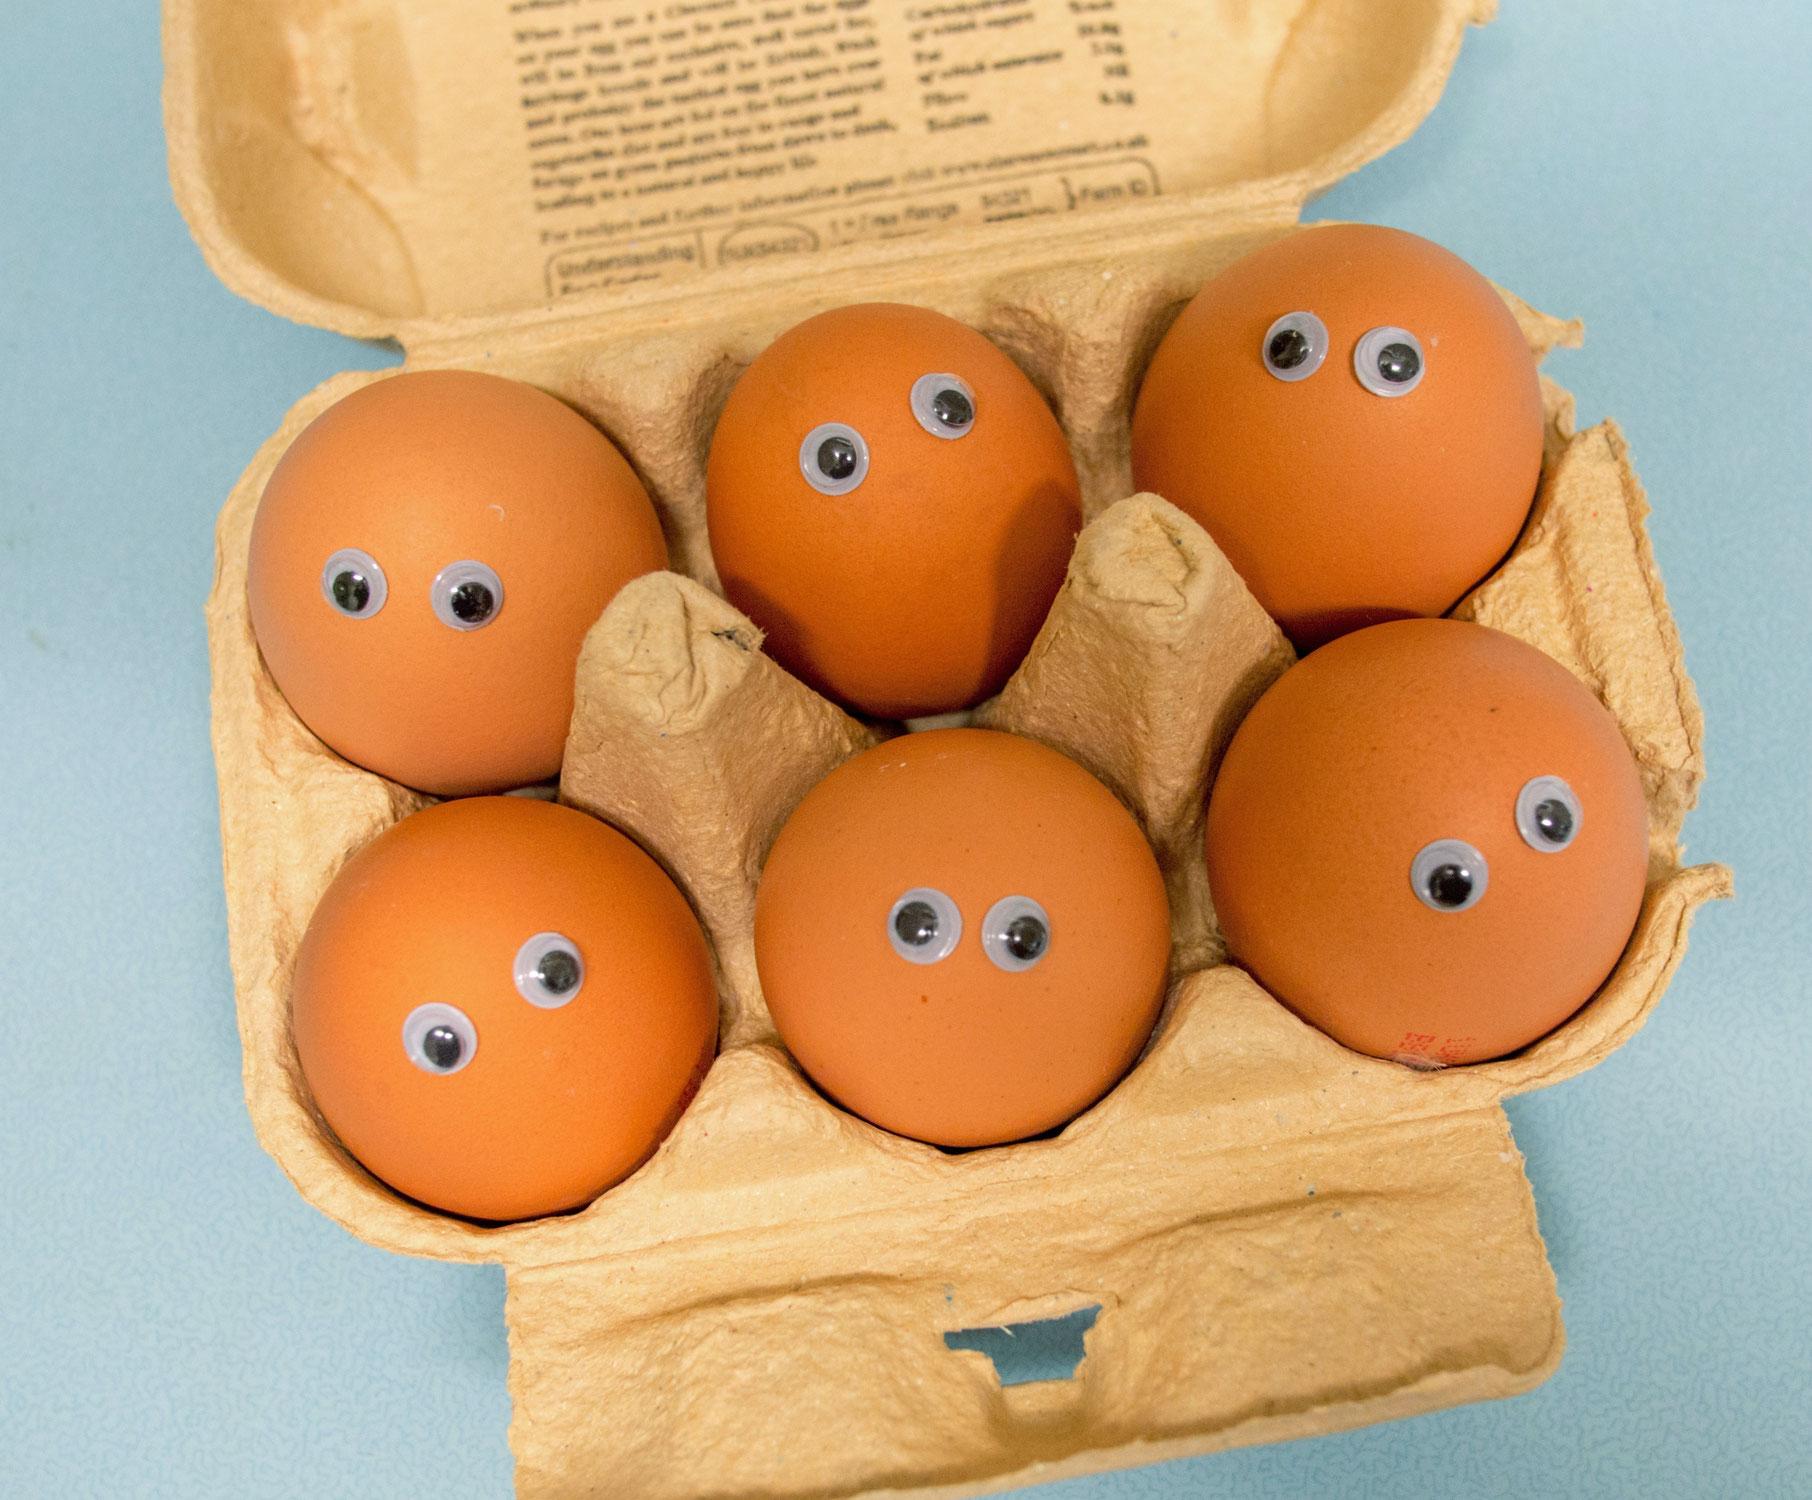 Zacht ei van buiten